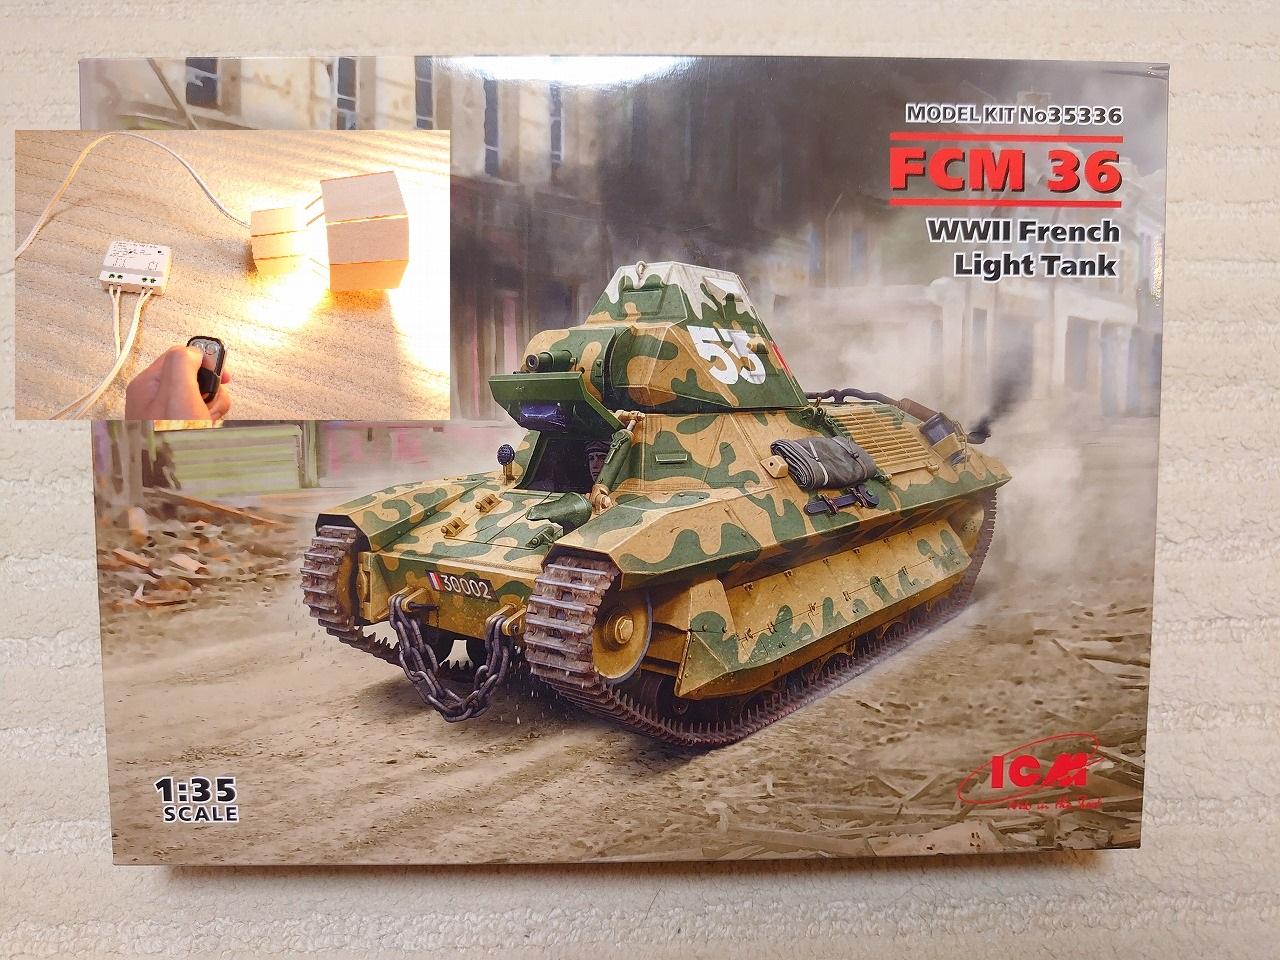 【最近購入した物】AC 110V 無線スイッチとICM 1/35 フランス陸軍 FCM36 軽戦車 プラモデル